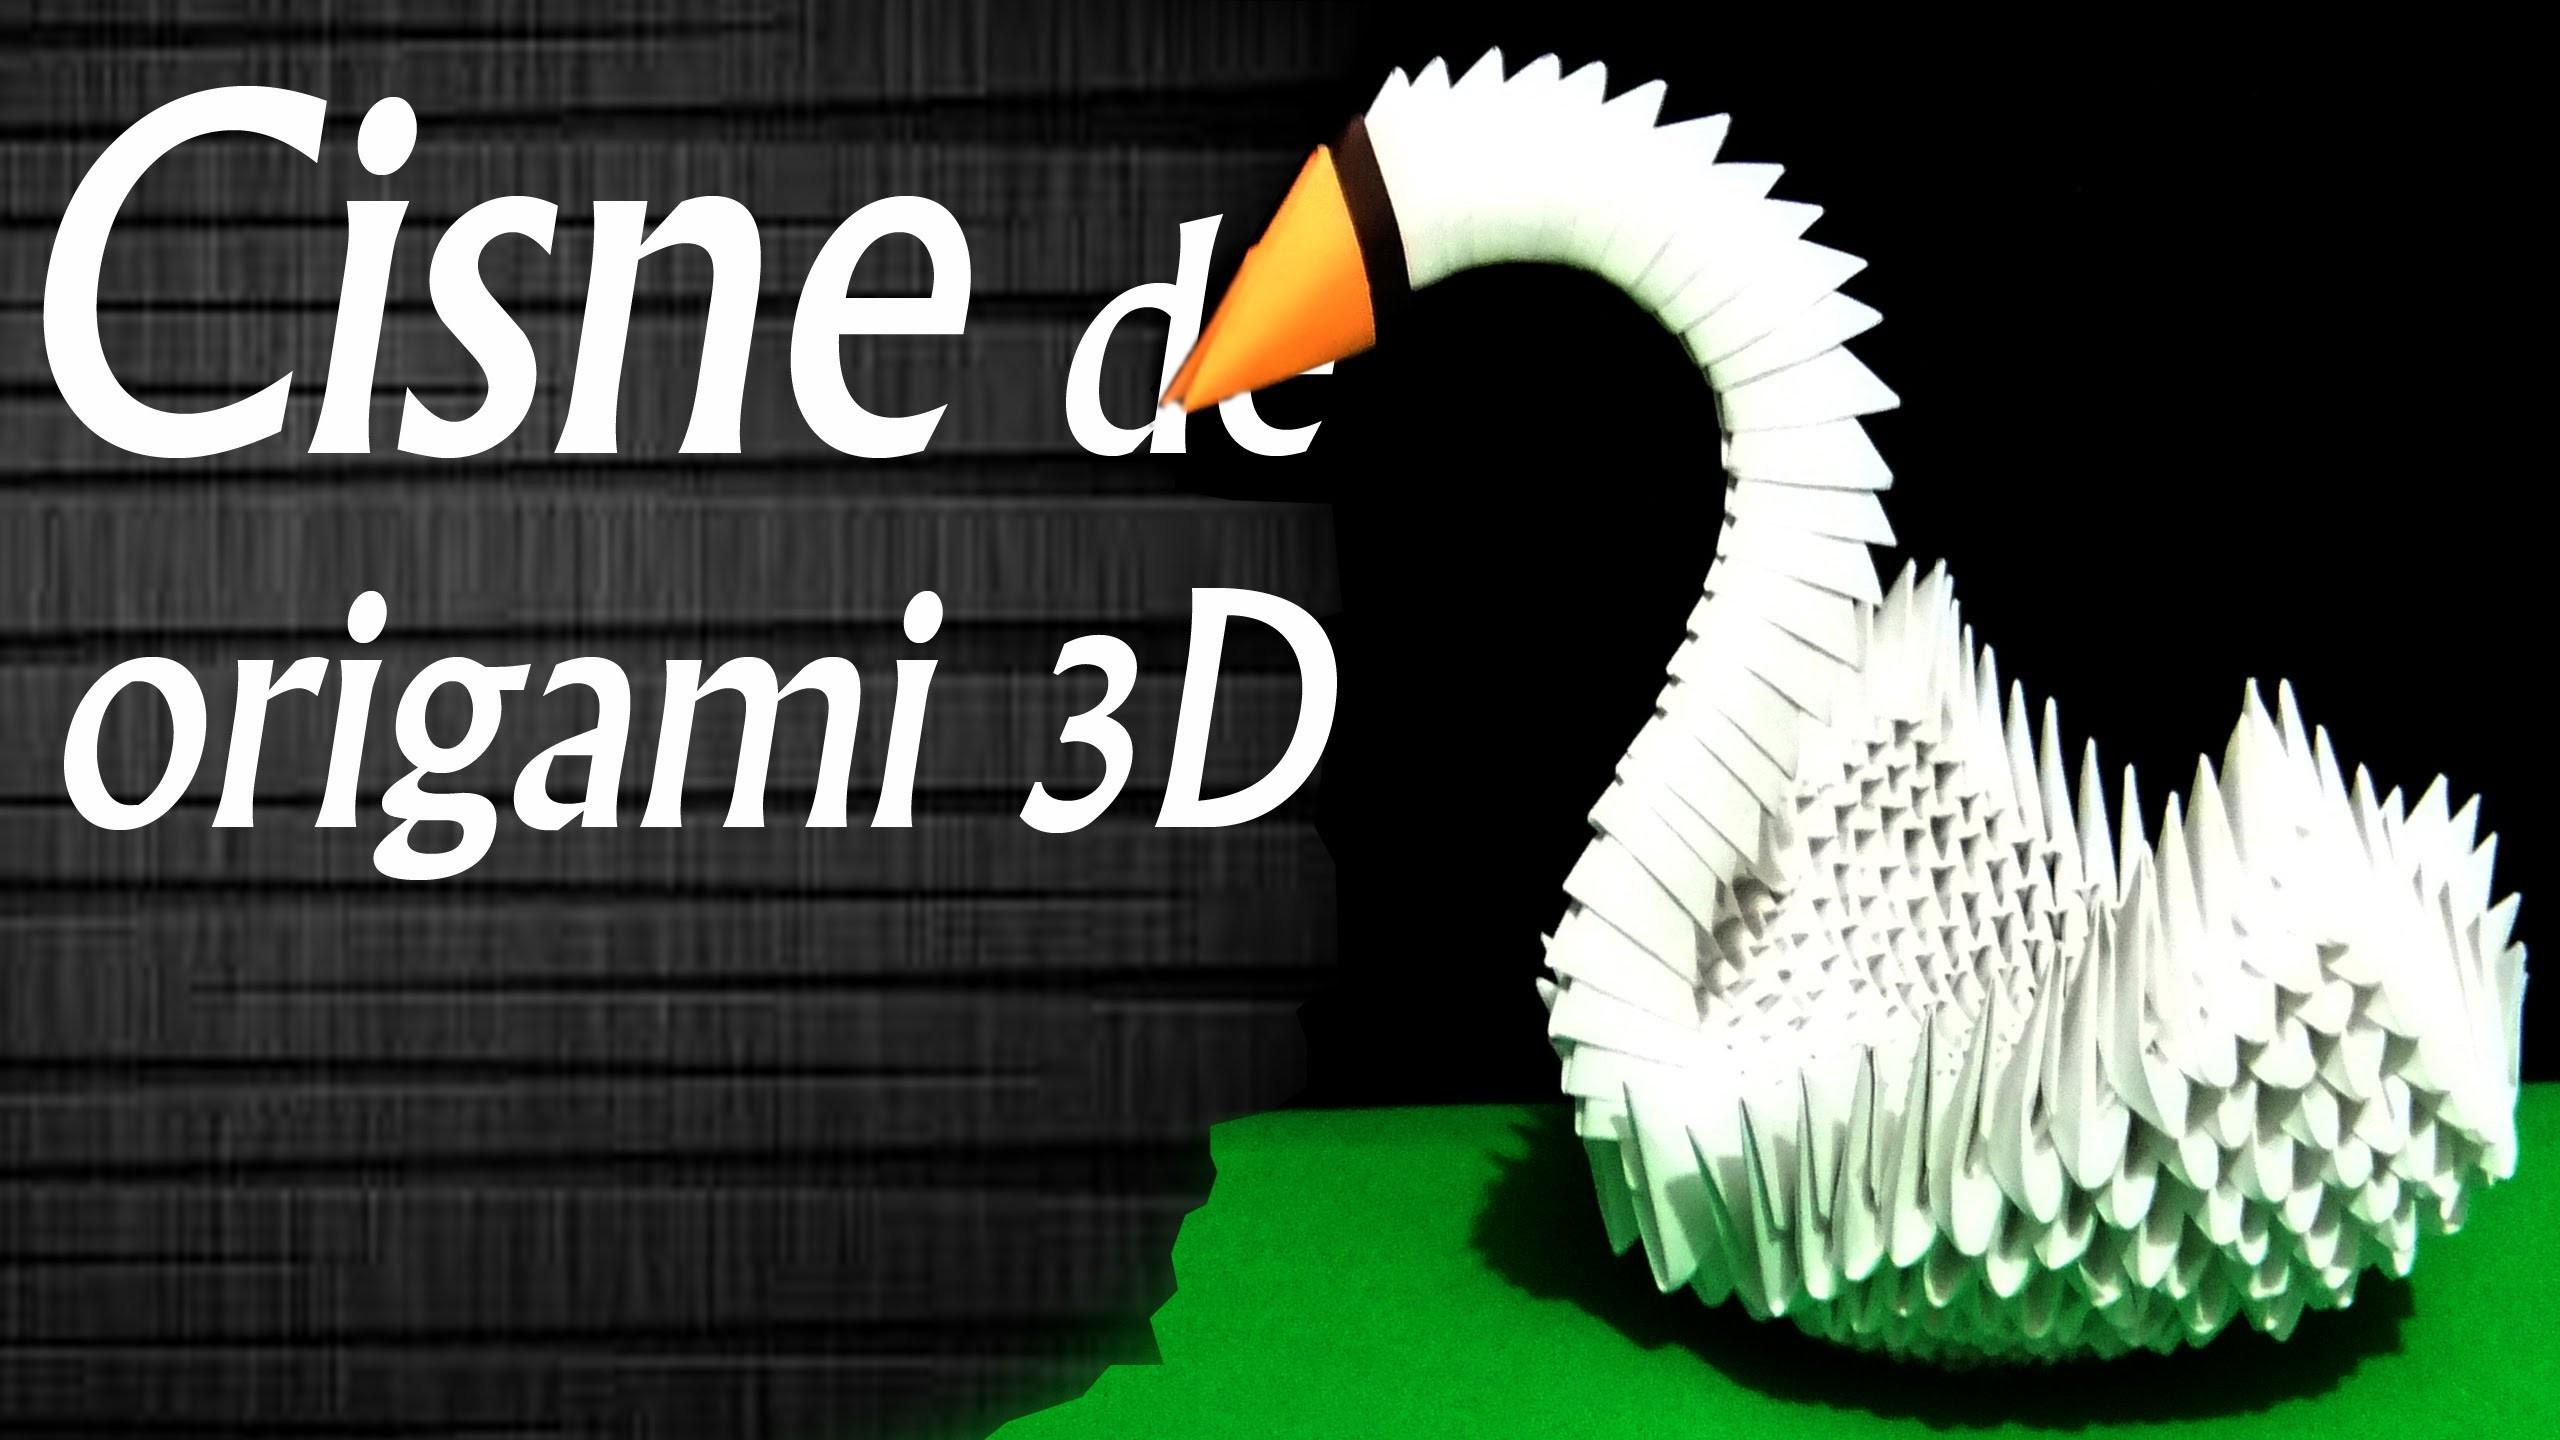 Cisne de origami 3D